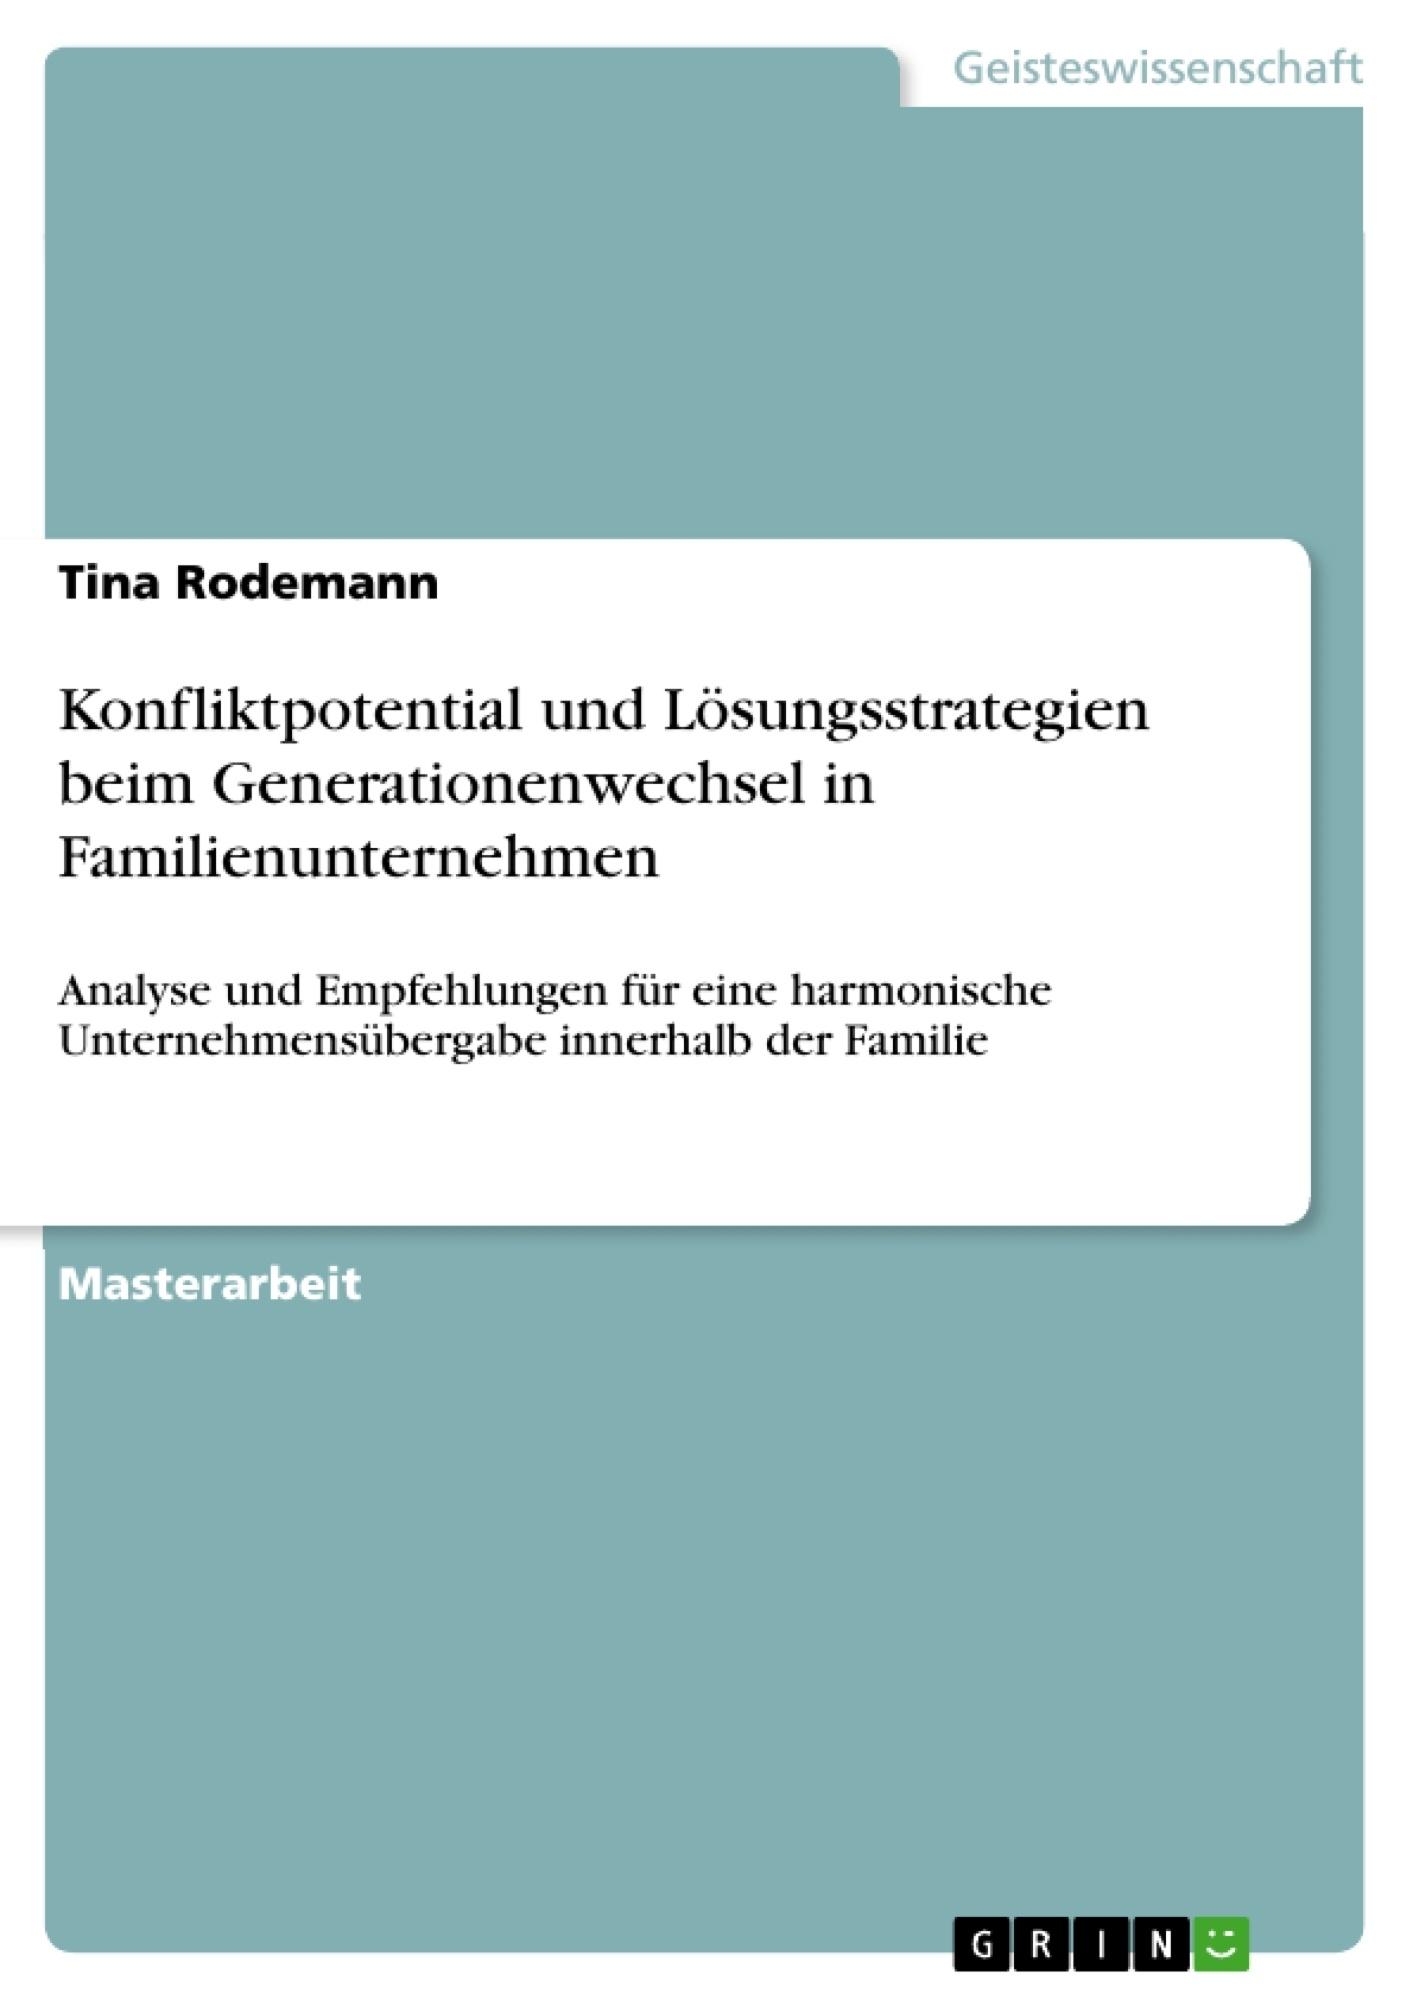 Titel: Konfliktpotential und Lösungsstrategien beim Generationenwechsel in Familienunternehmen